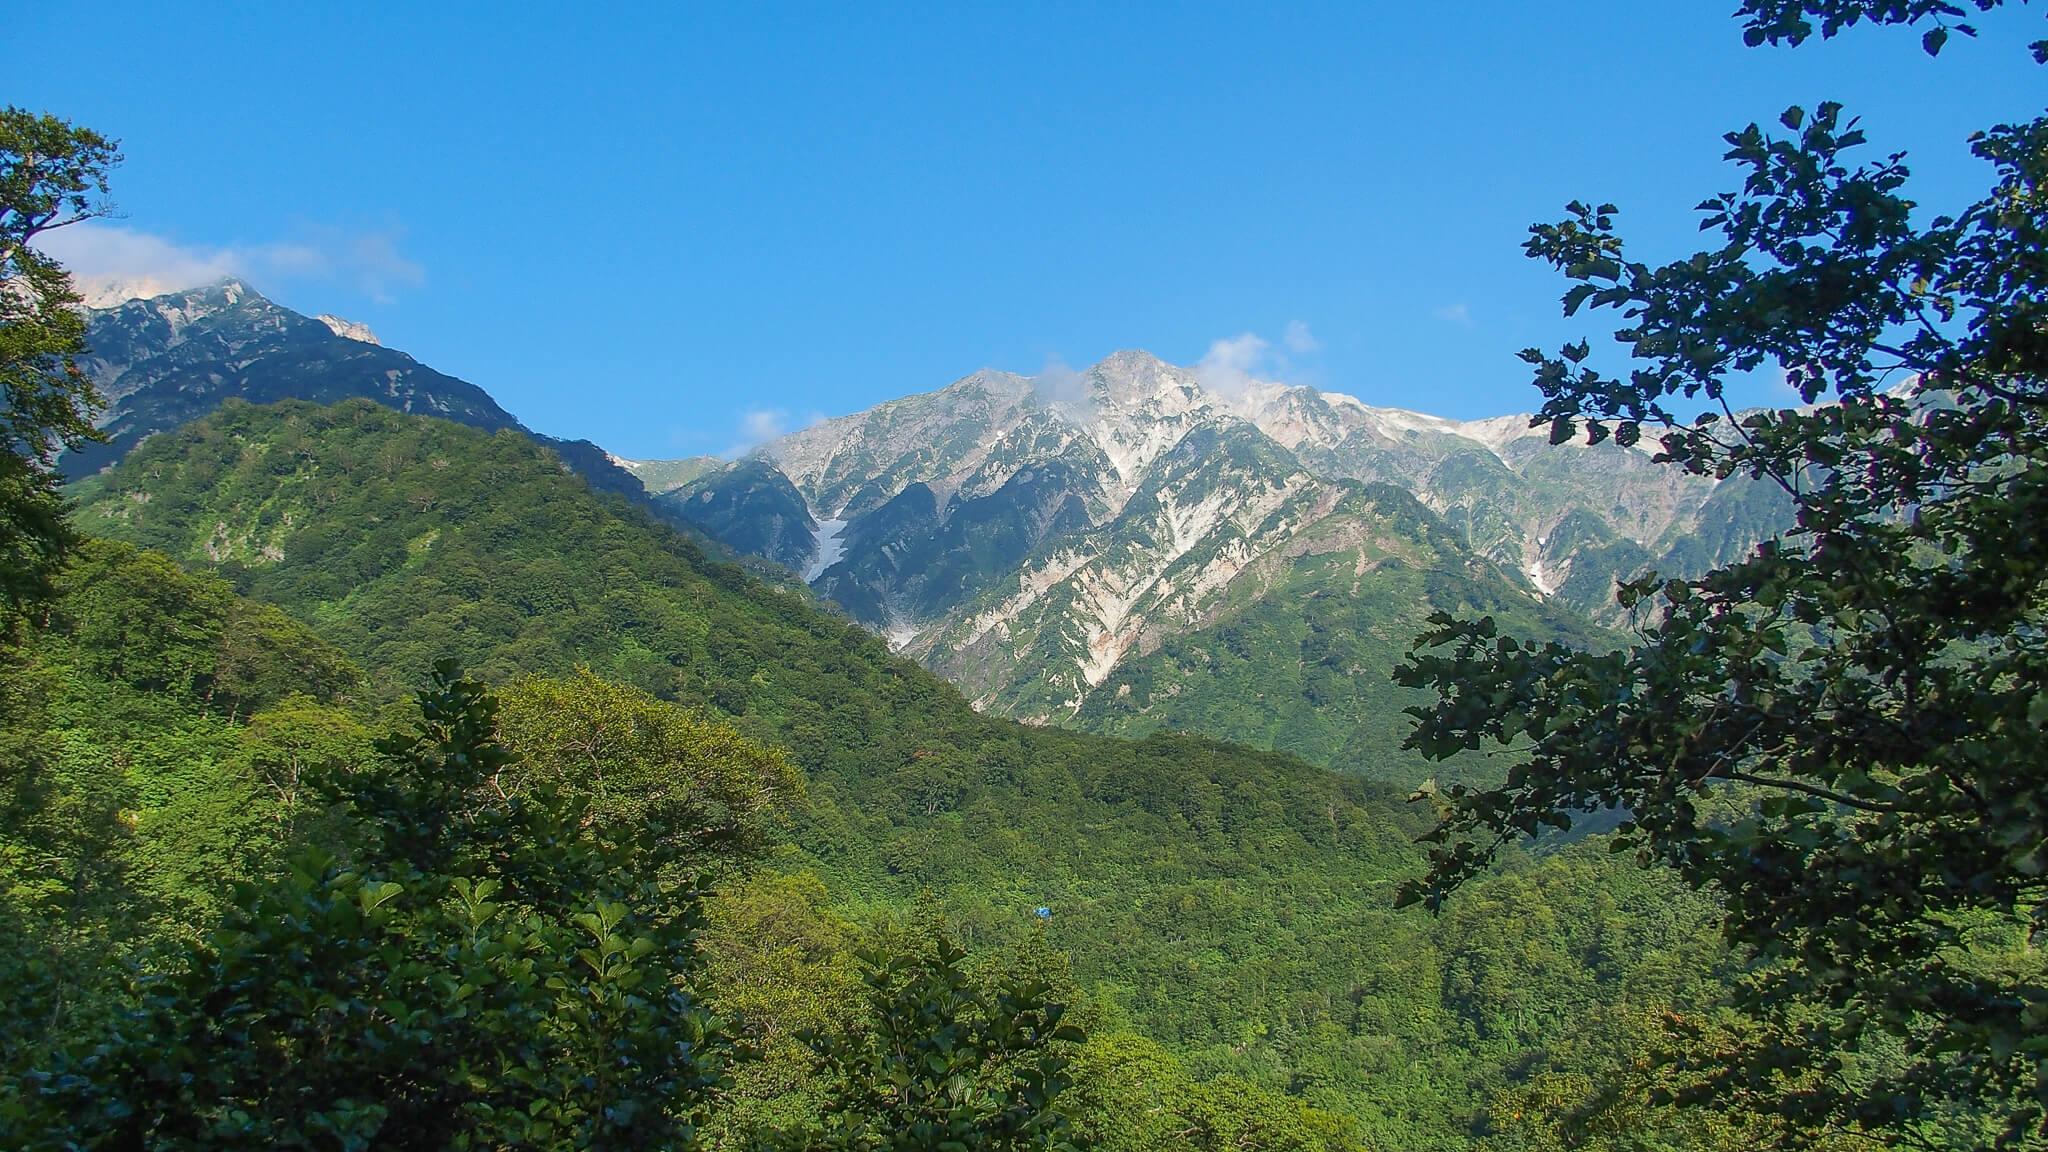 白馬岳・白馬尻小屋へいたる道の途中から見えた白馬岳